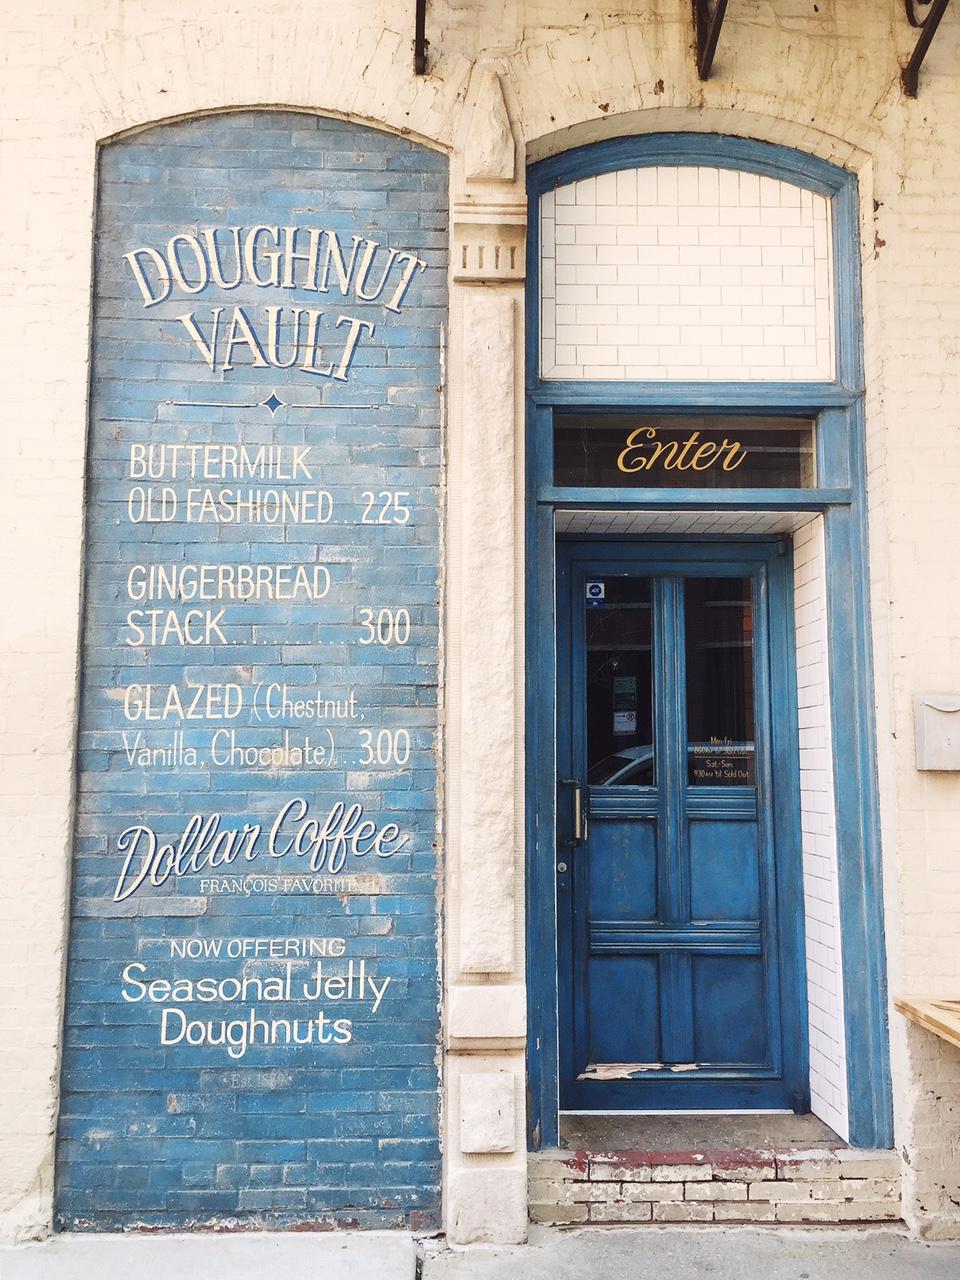 Doughnut Vault in Chicago